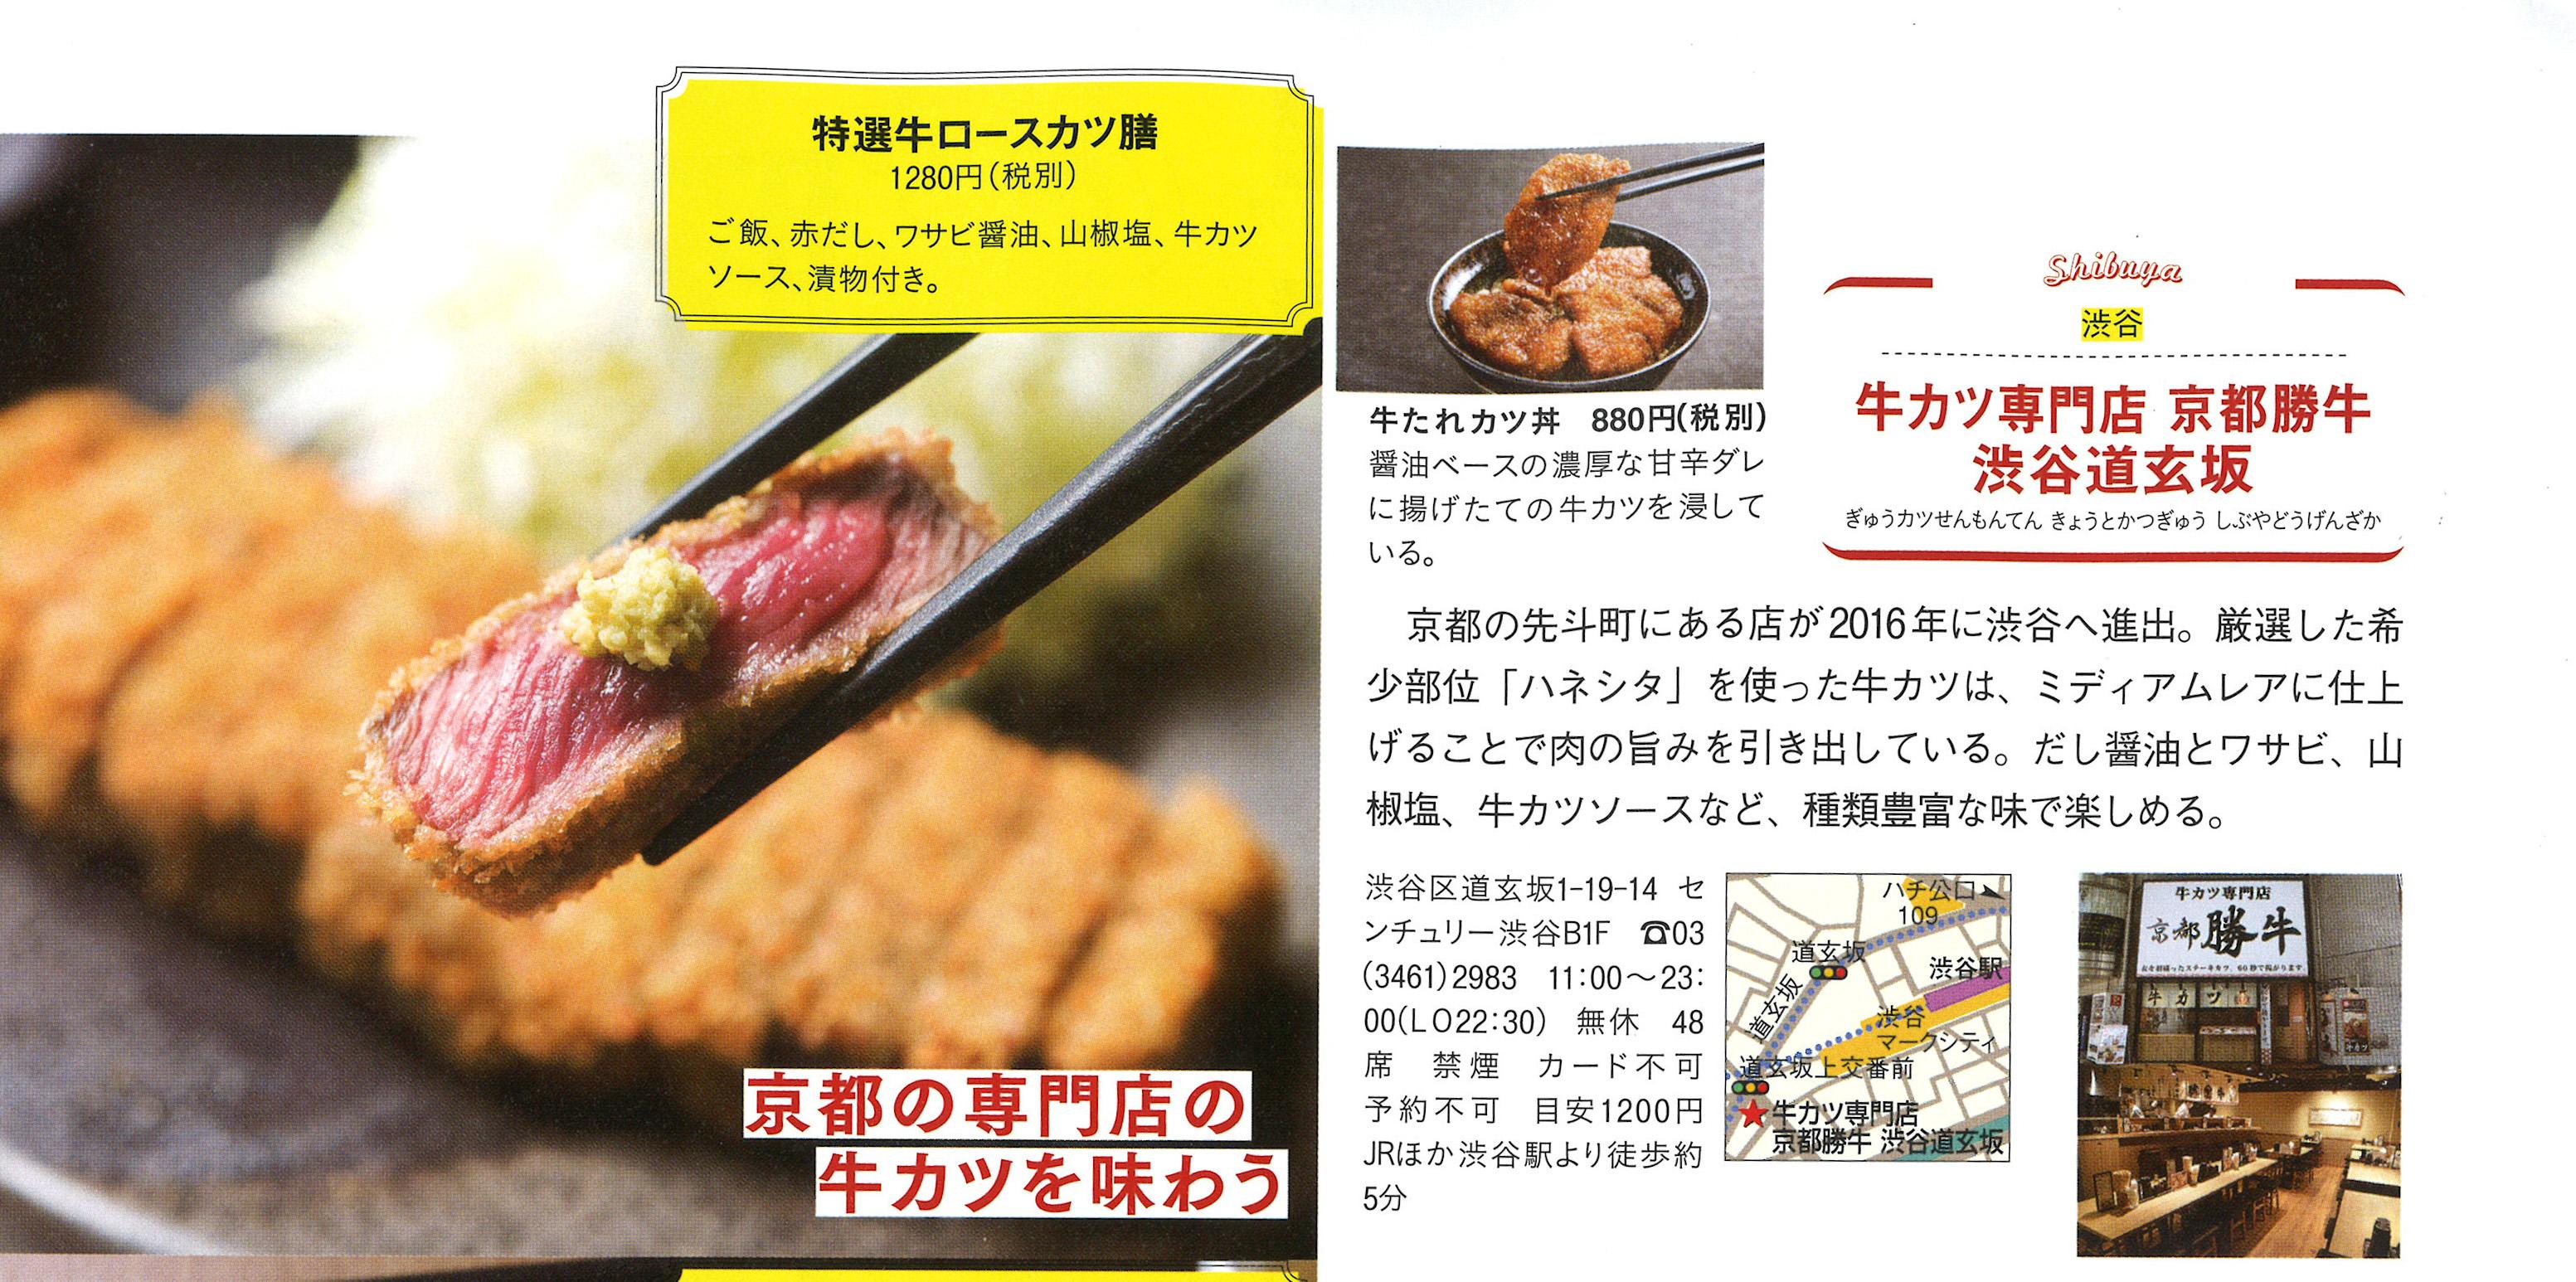 170701おいしい肉の店(勝牛渋谷)_ページ_2_edited